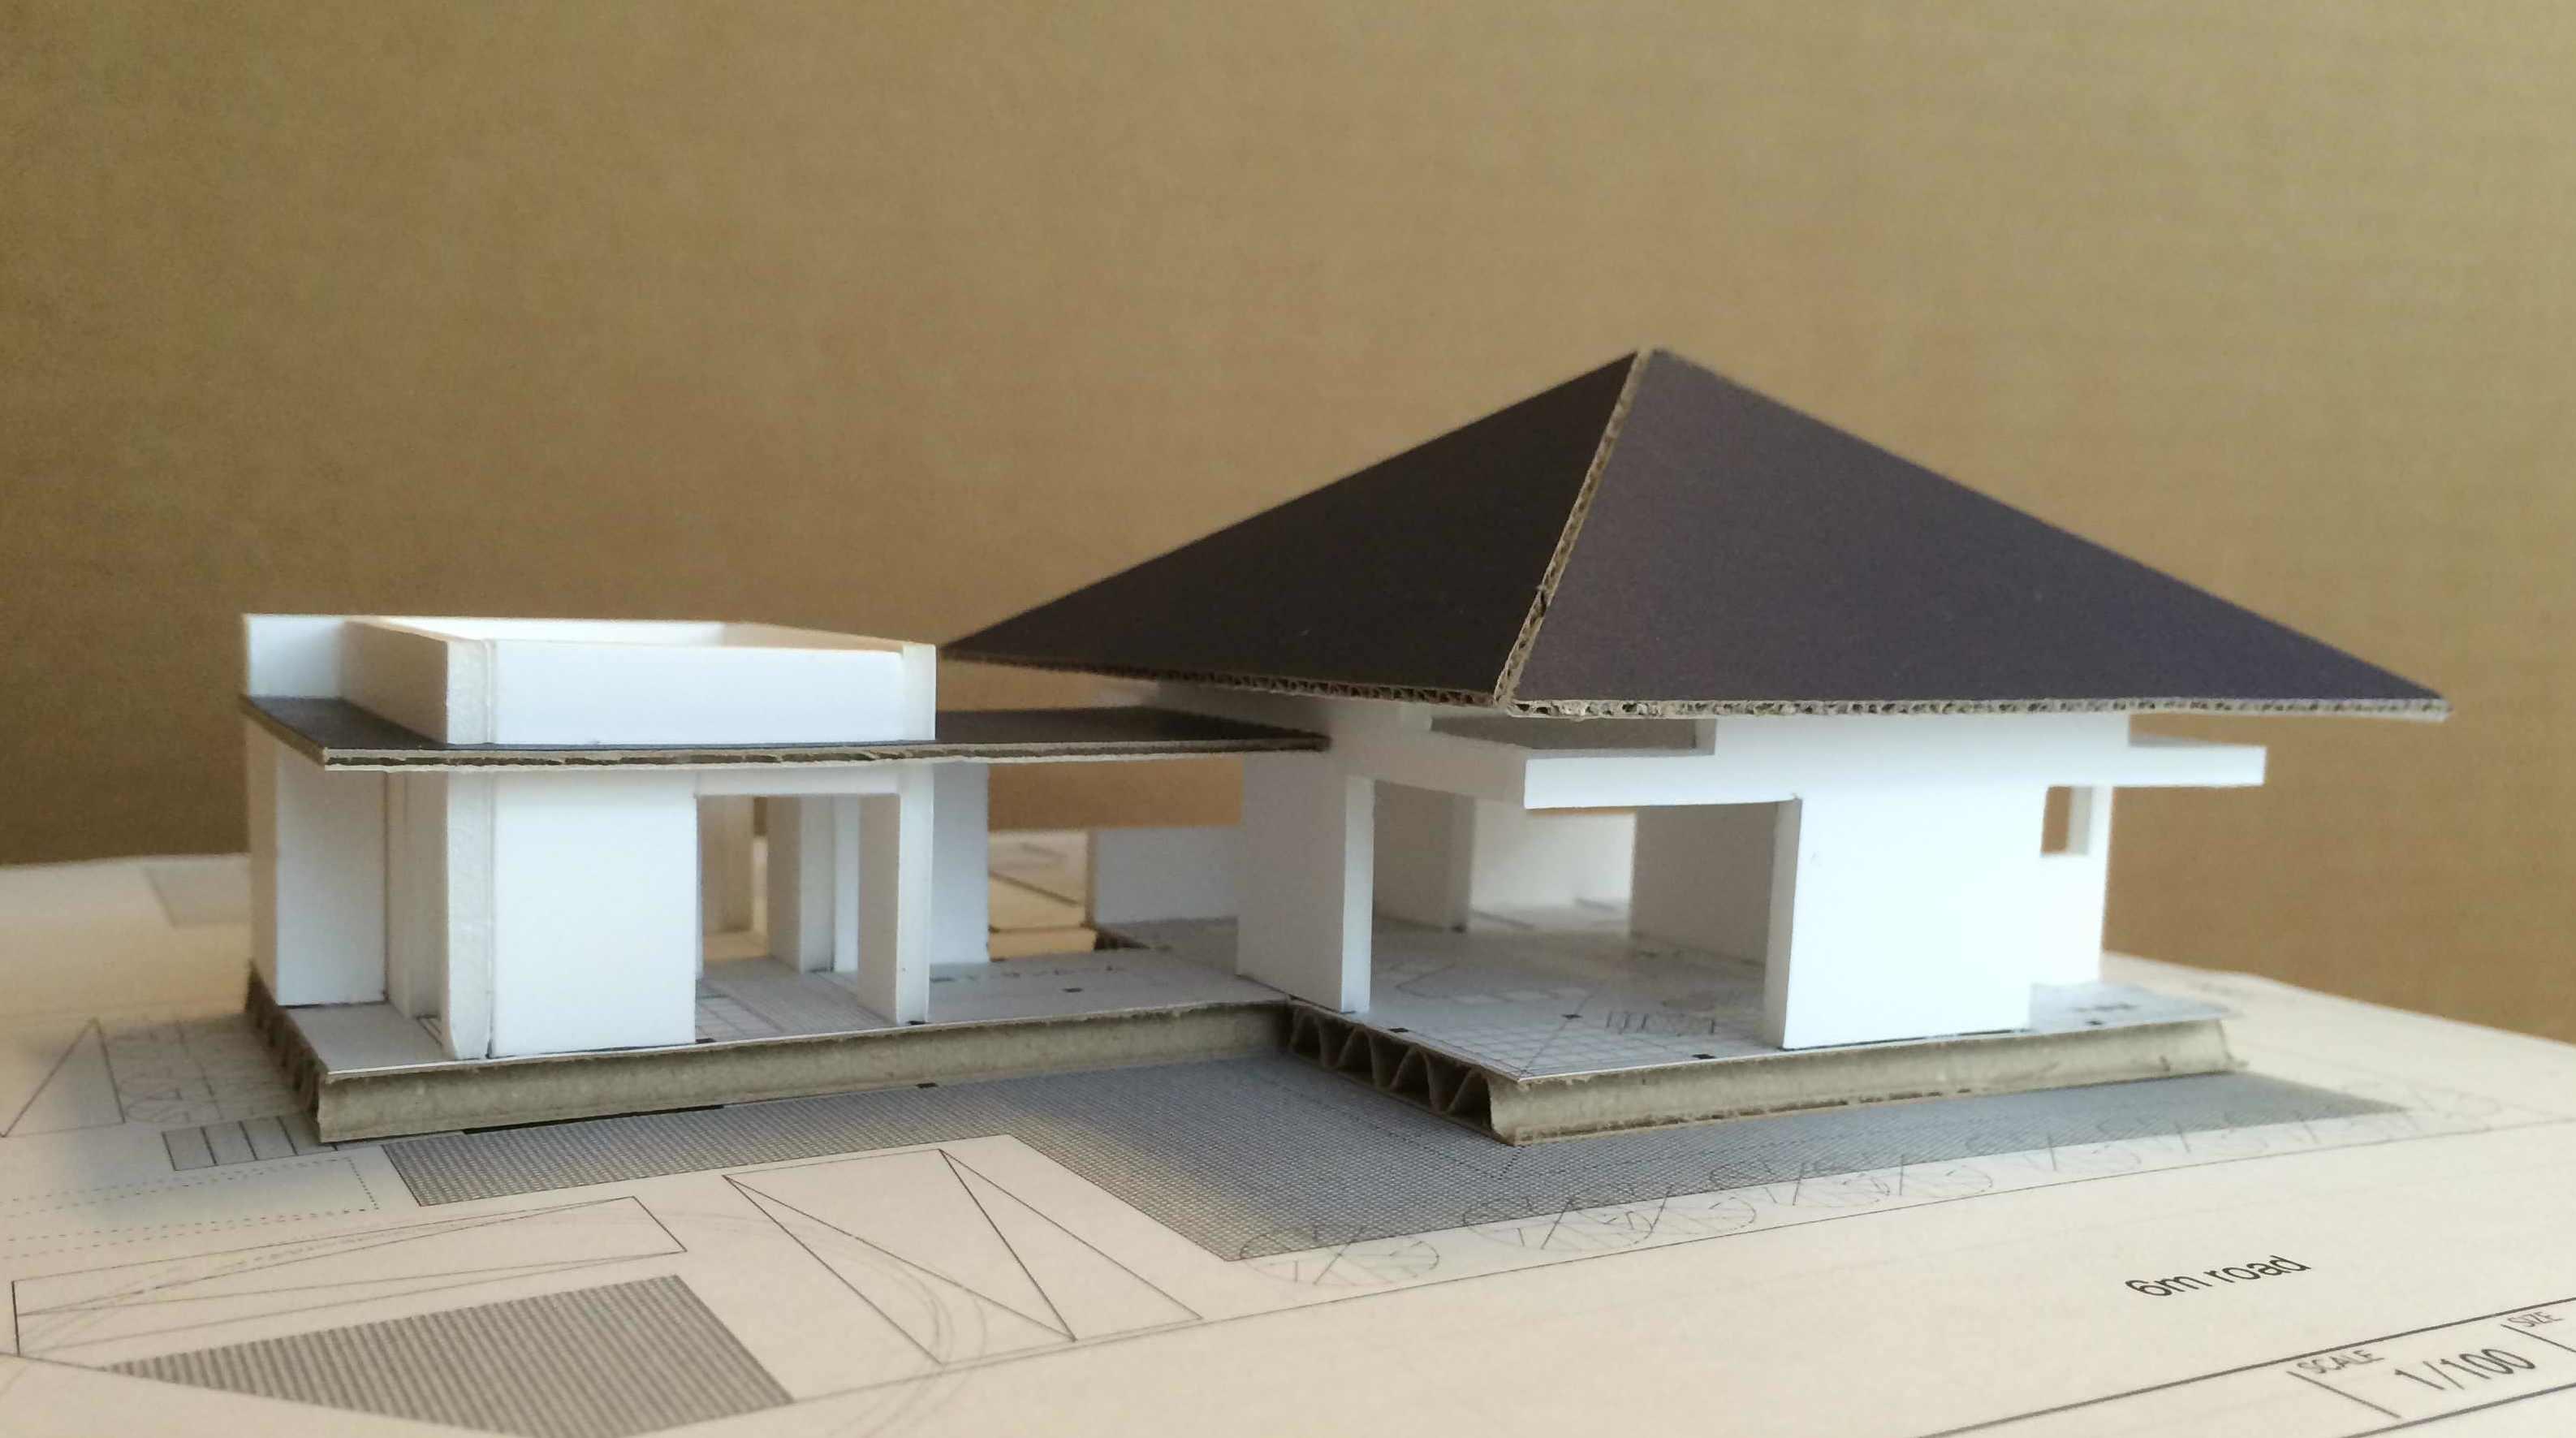 千葉県君津市で「そらどまの家」を取組み始めました。_d0027290_8562495.jpg